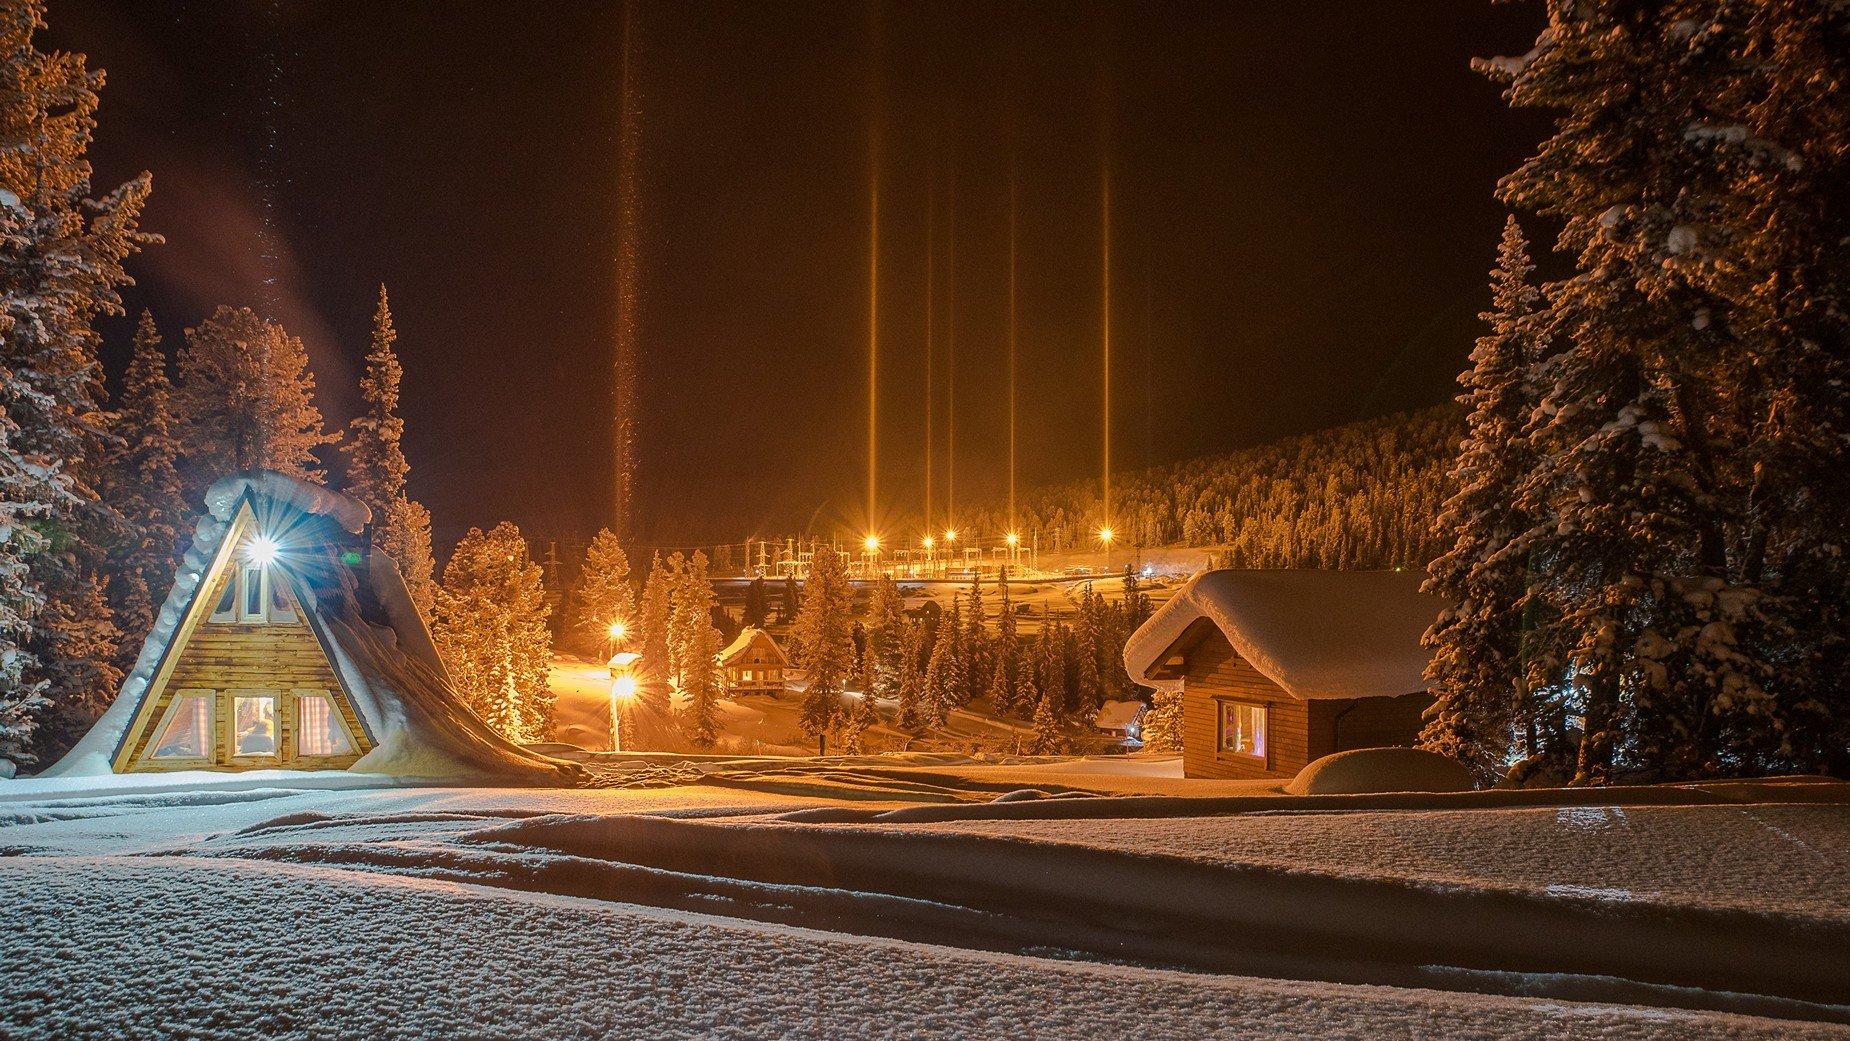 ергаки ночь огни снег зима кедры дома столбы свет вечер, Мальцев Юрий